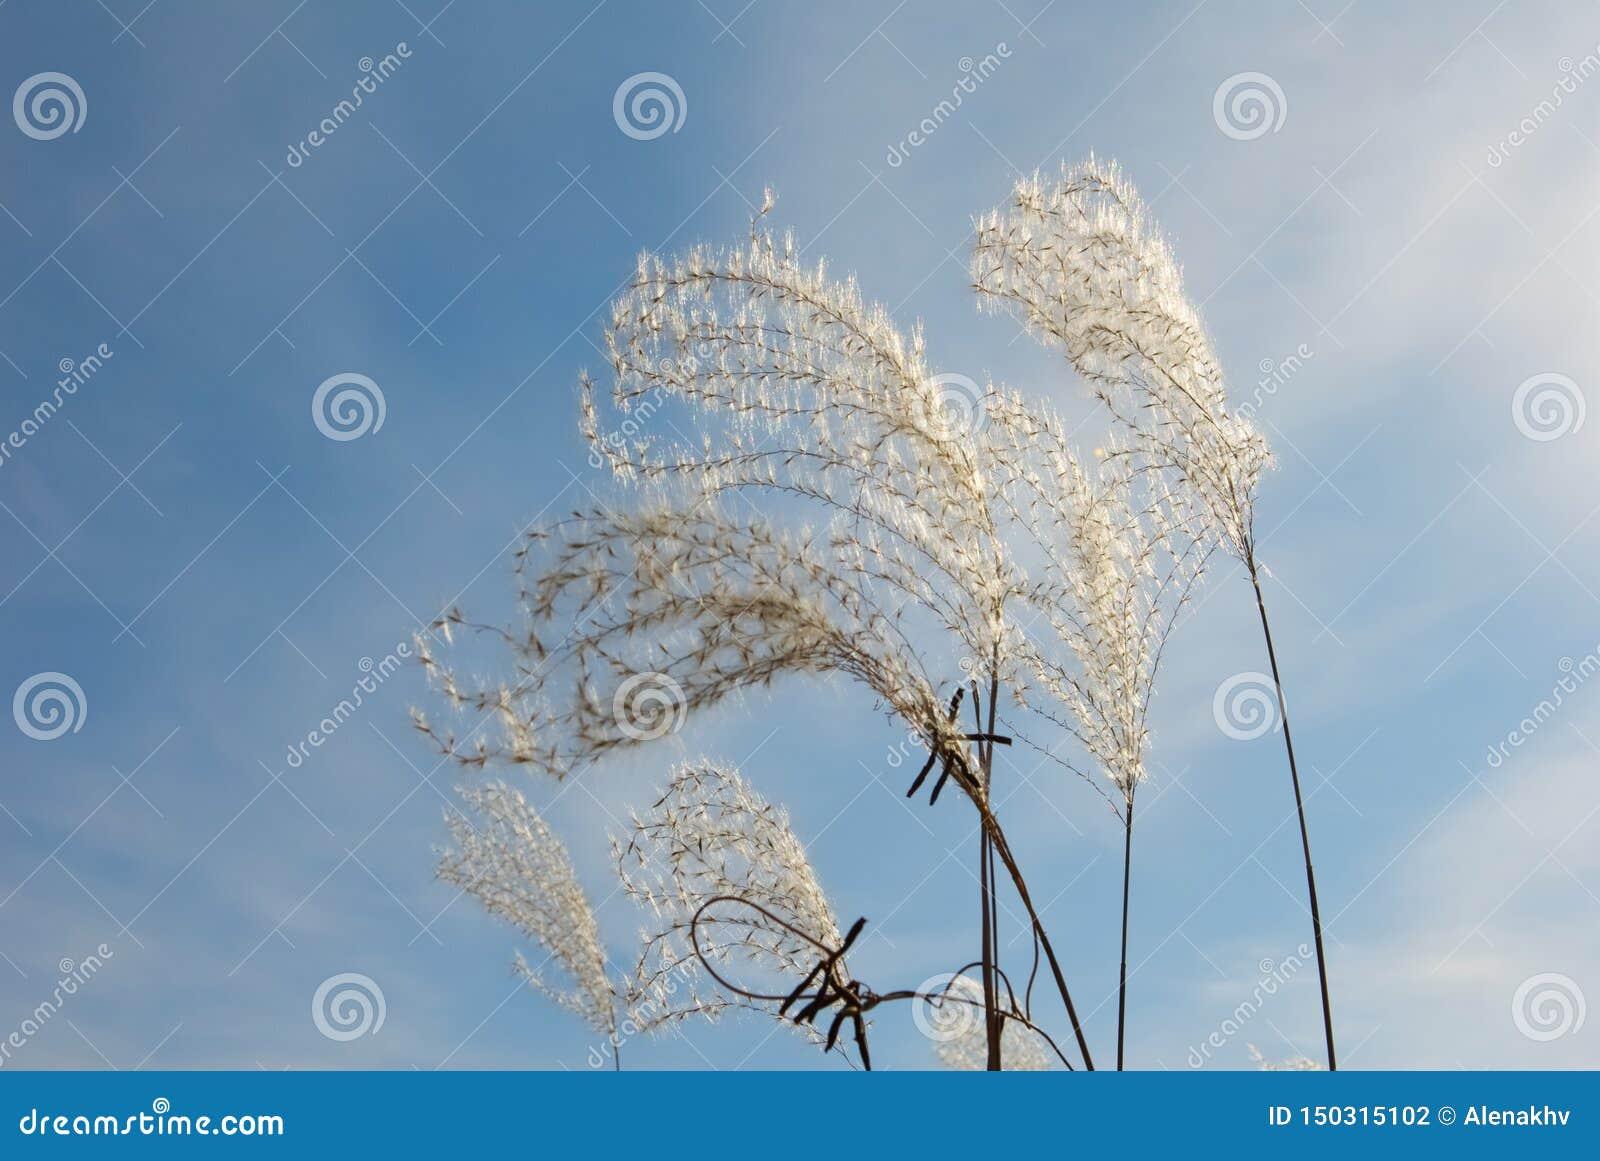 Γραφικά χνουδωτά ξηρά spikelets ενάντια στον μπλε νεφελώδη ουρανό